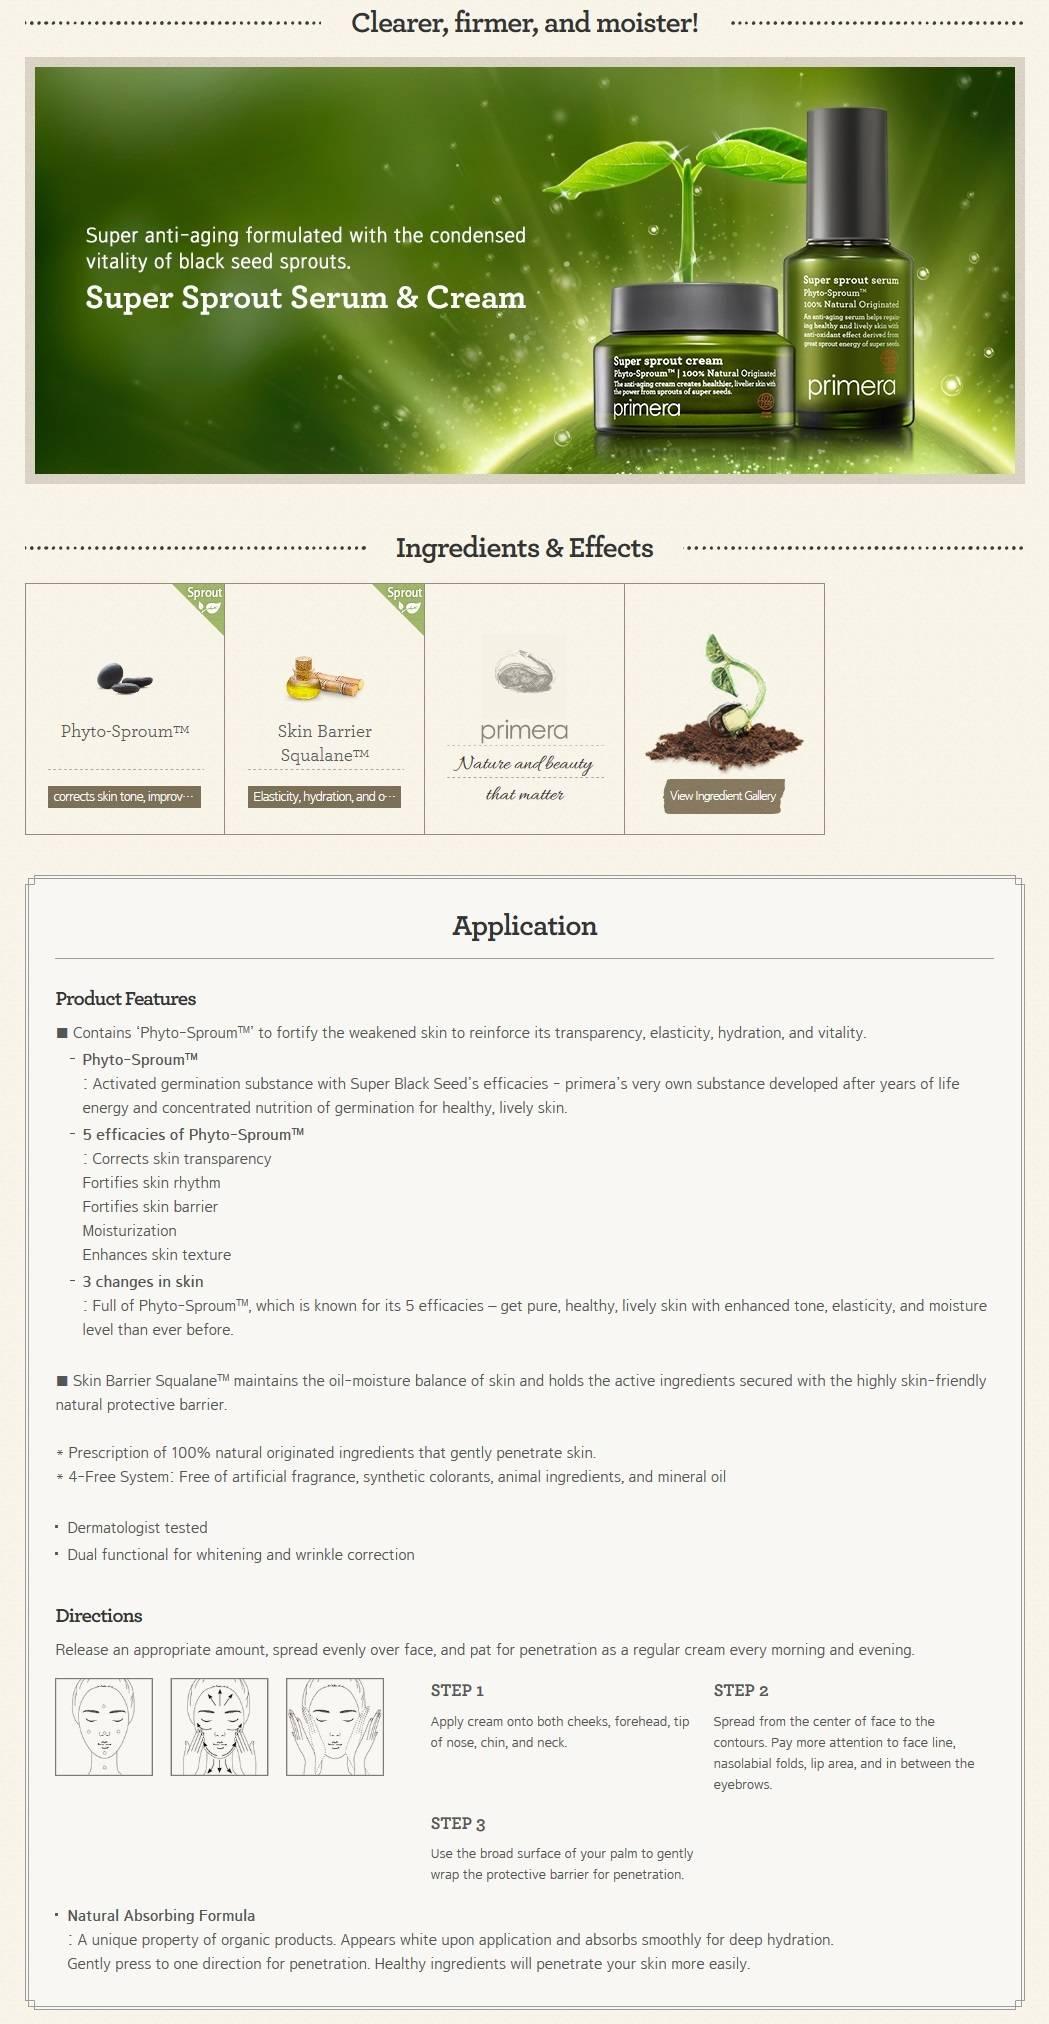 primera Super Sprout Serum 50ml